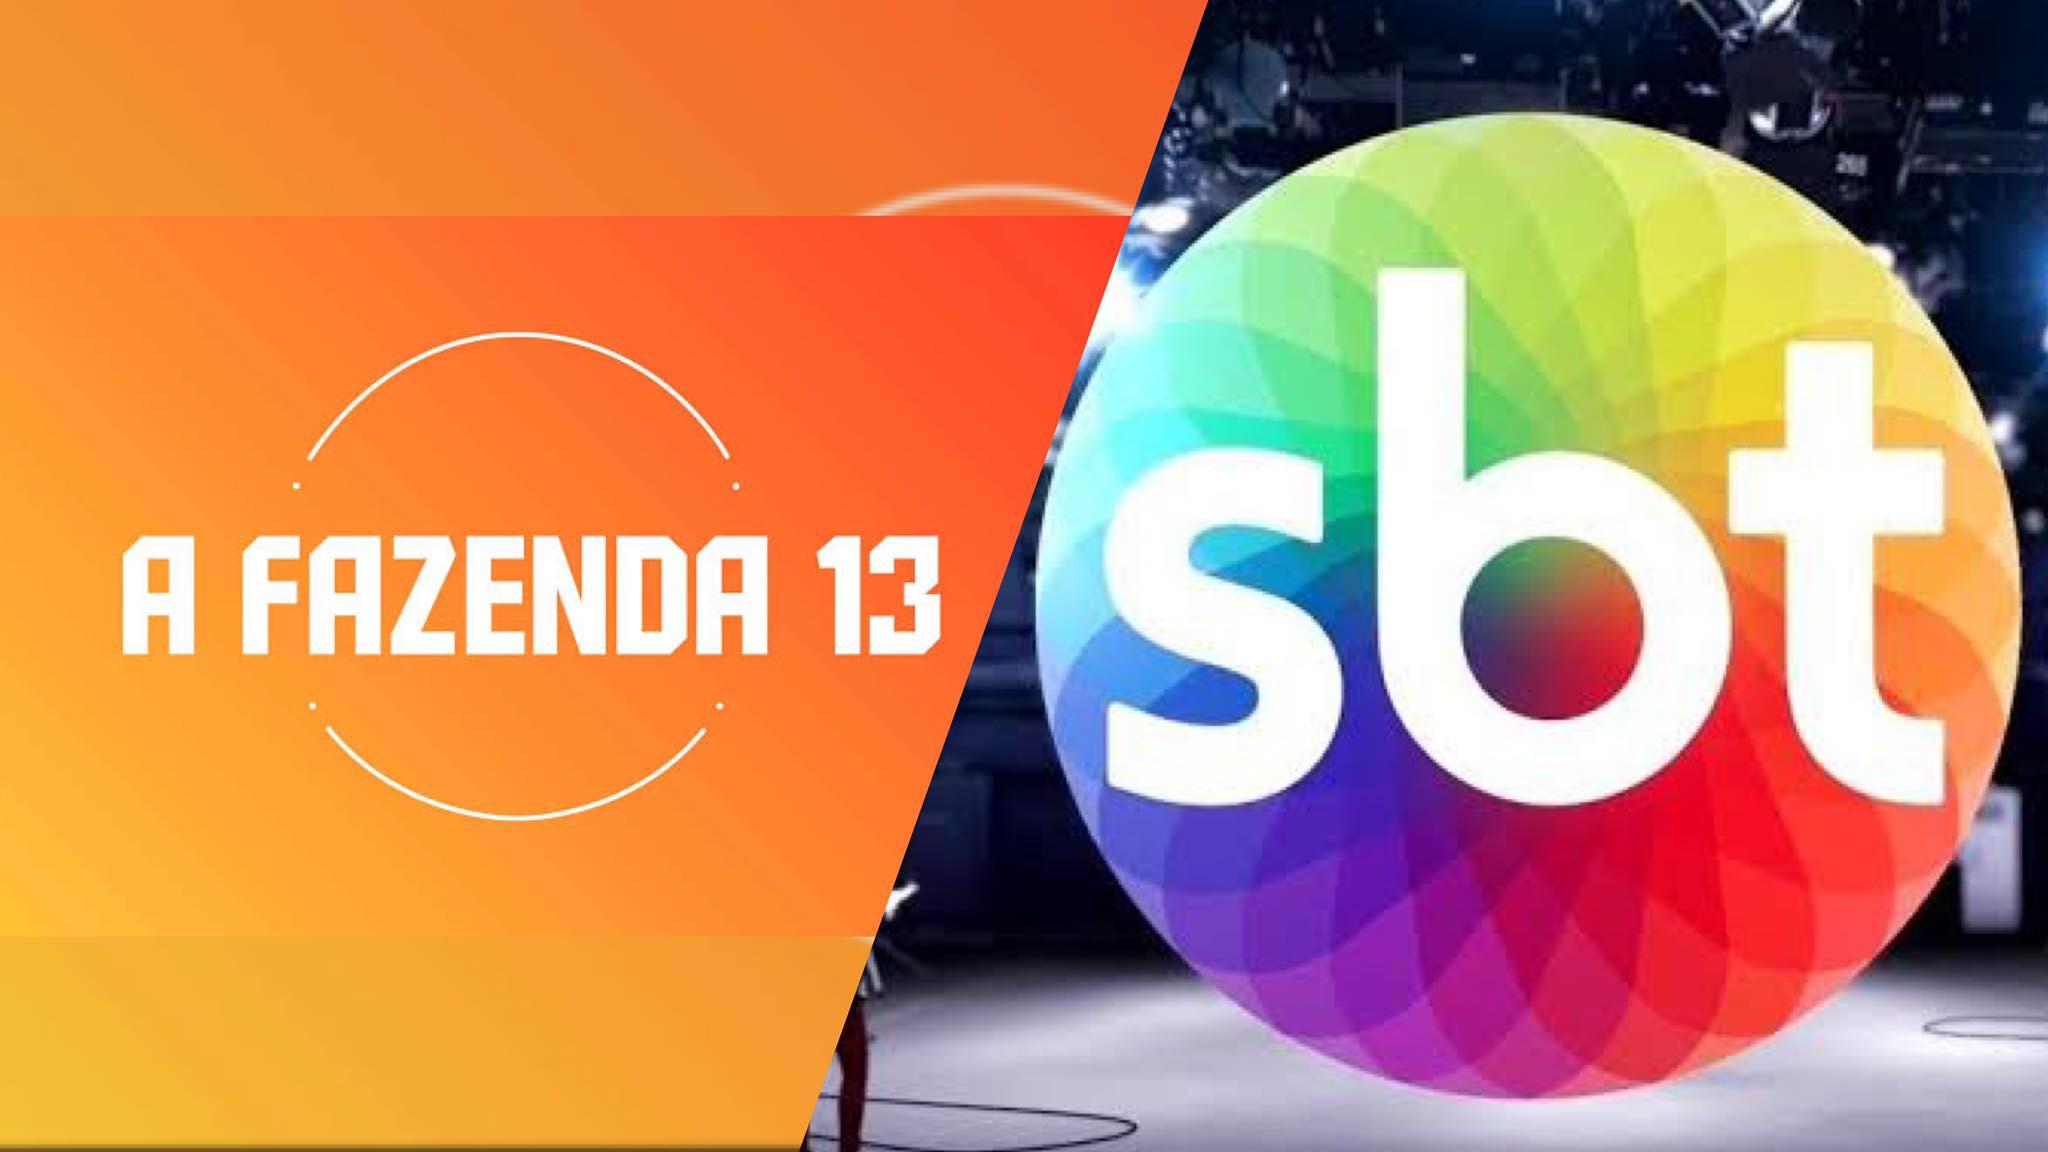 Contratada do SBT deixa emissora de Silvio Santos para entrar em A Fazenda 13. Fonte: Montagem/ Fashion Bubbles